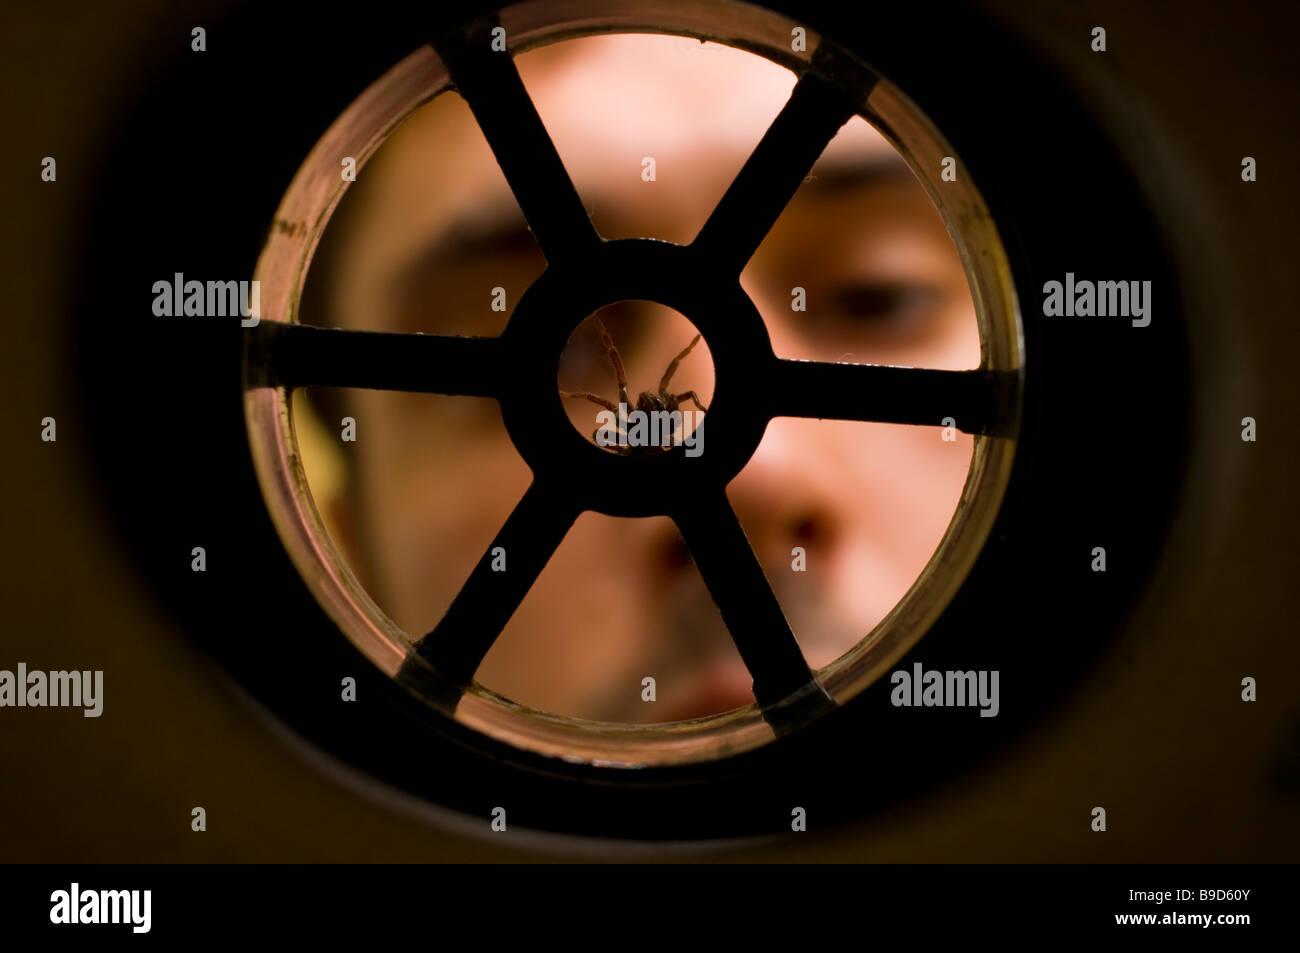 HOUSE SPIDER Tegenaria domestica in plughole - Stock Image